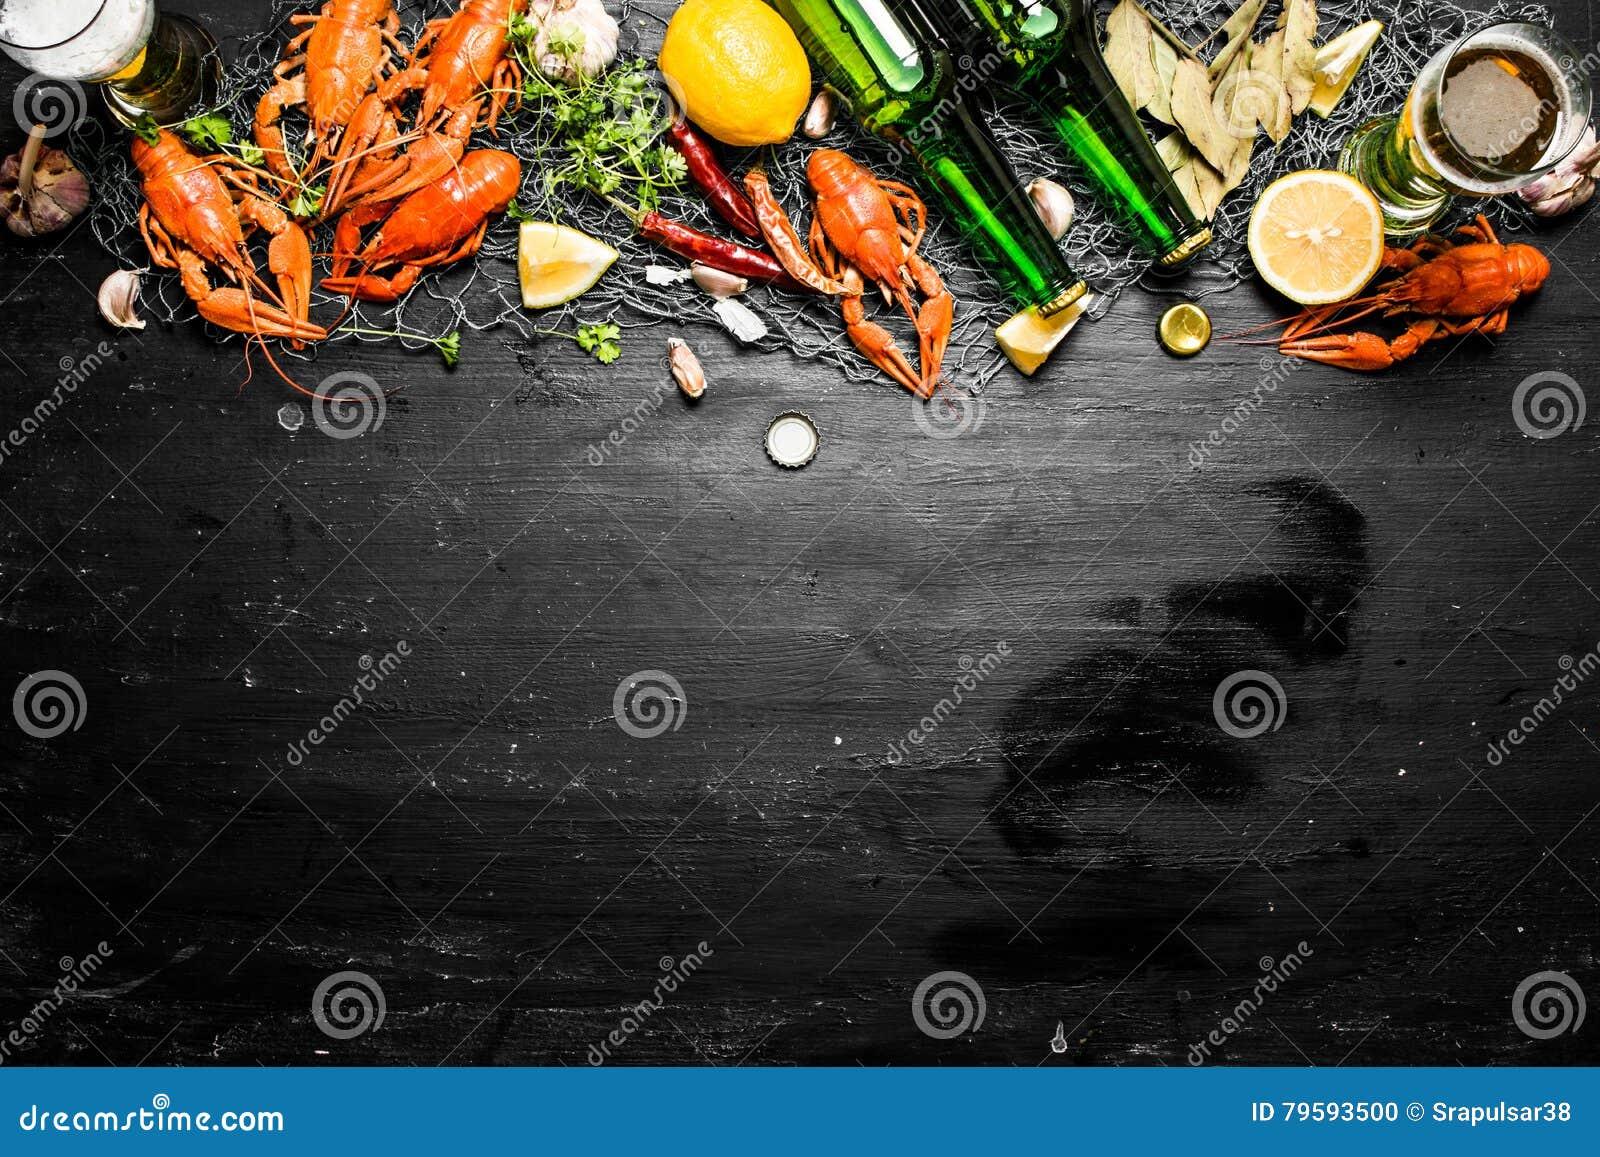 食物纤巧 煮沸的小龙虾用啤酒和香料